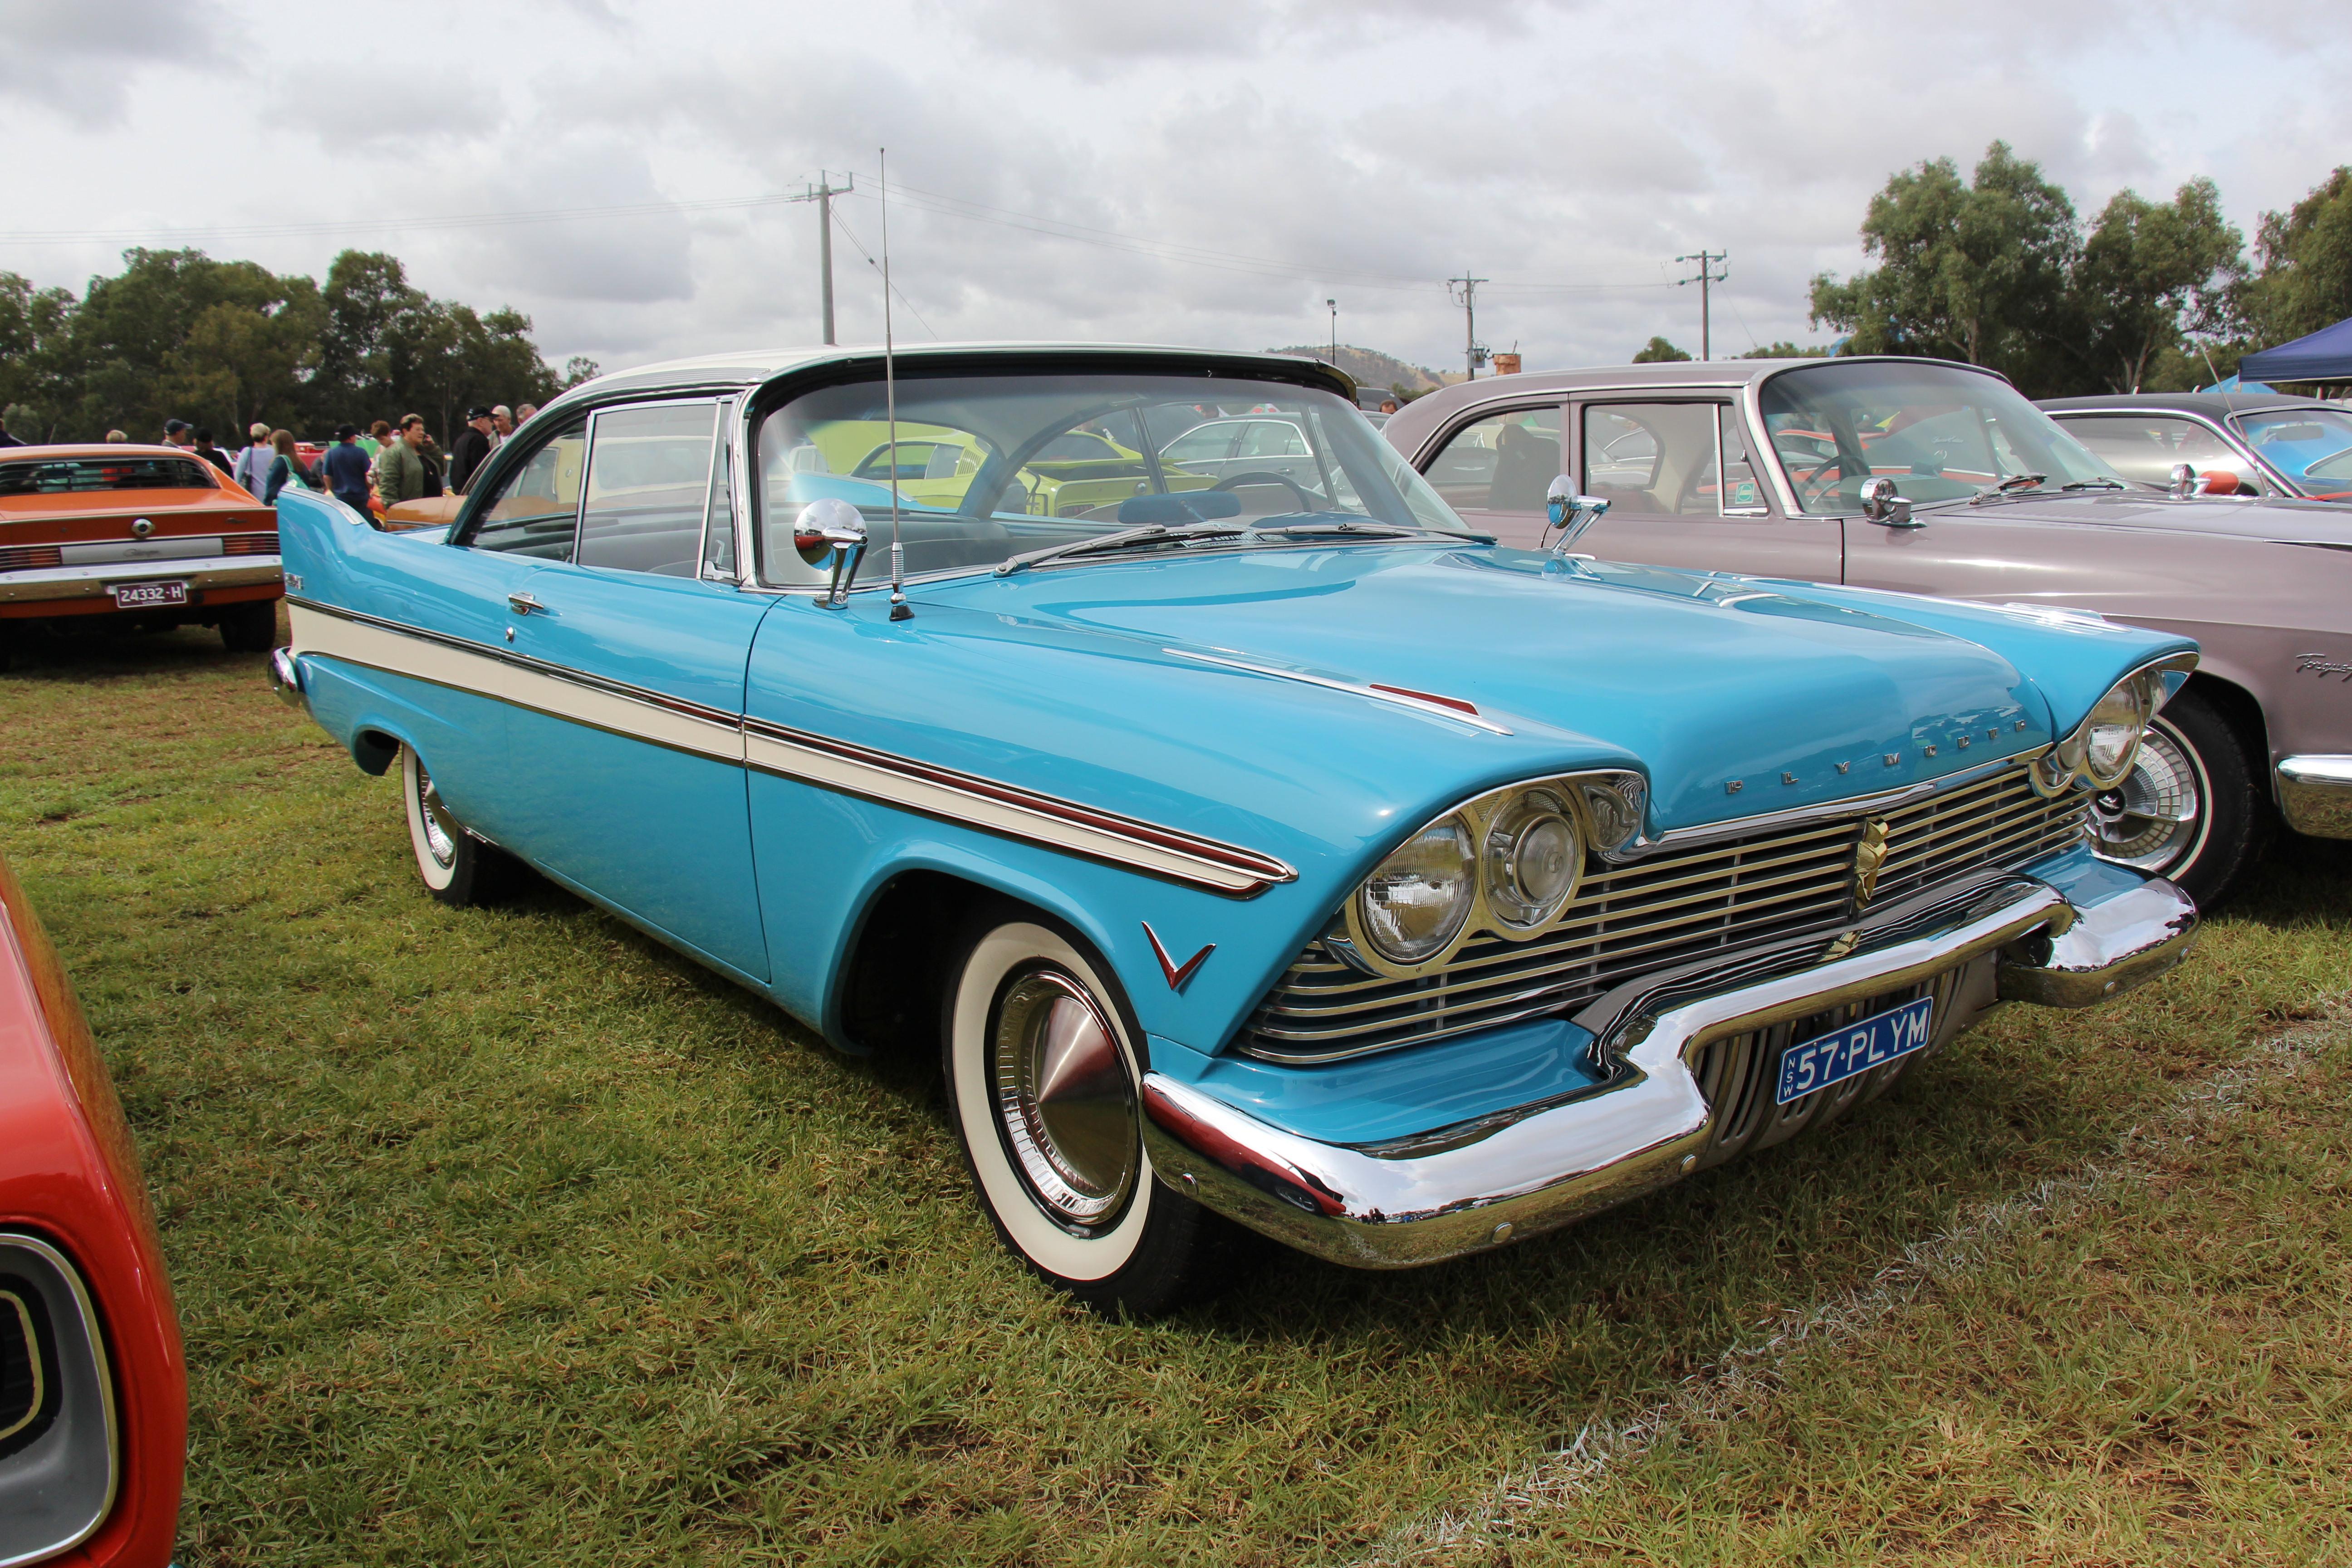 2 Door Convertible >> File:1957 Plymouth Belvedere 2 door Hardtop (13471835164 ...